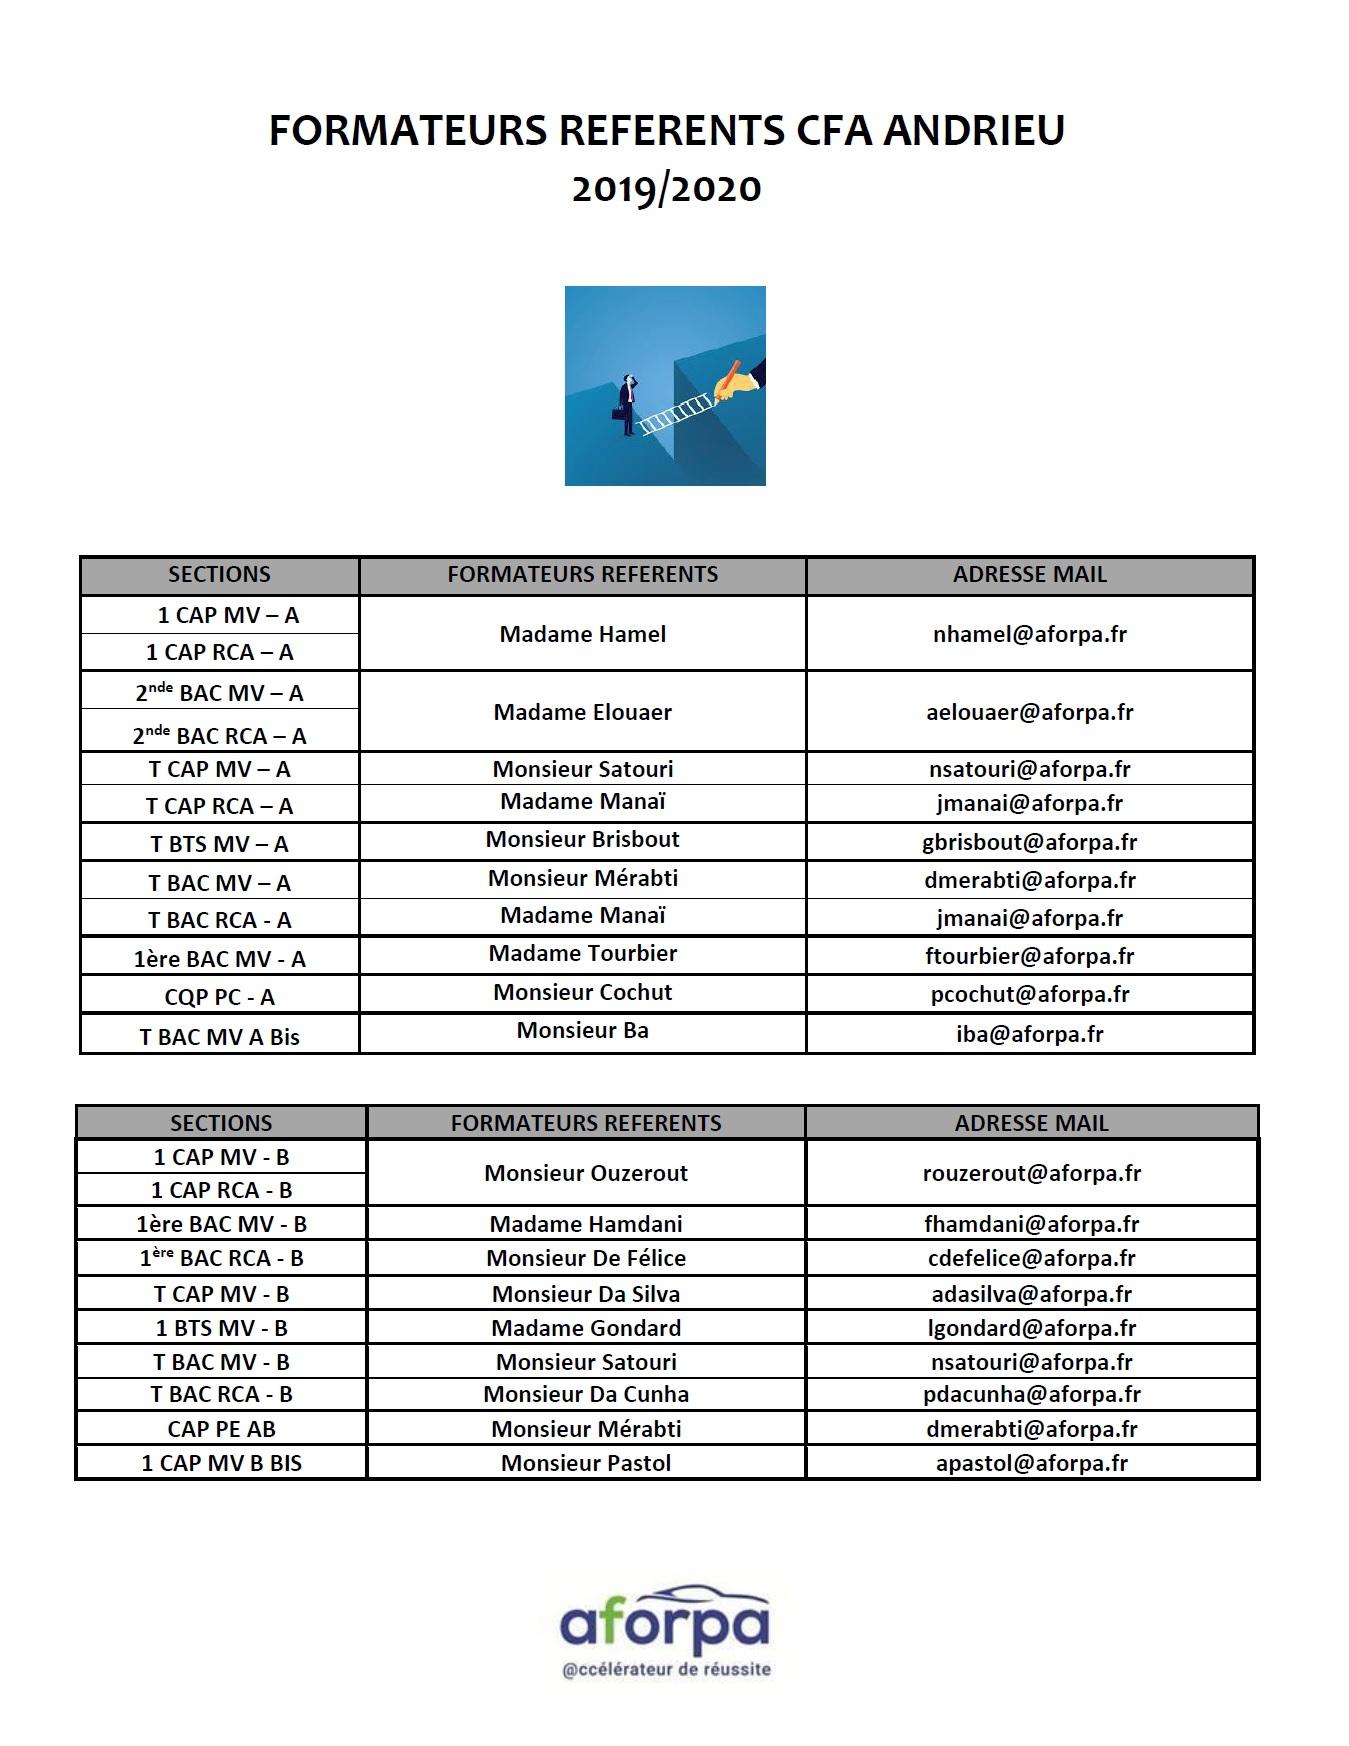 Calendrier Cfa 2020 2019.Liste Des Formateurs Referents Au Cfa Andrieu Aforpa